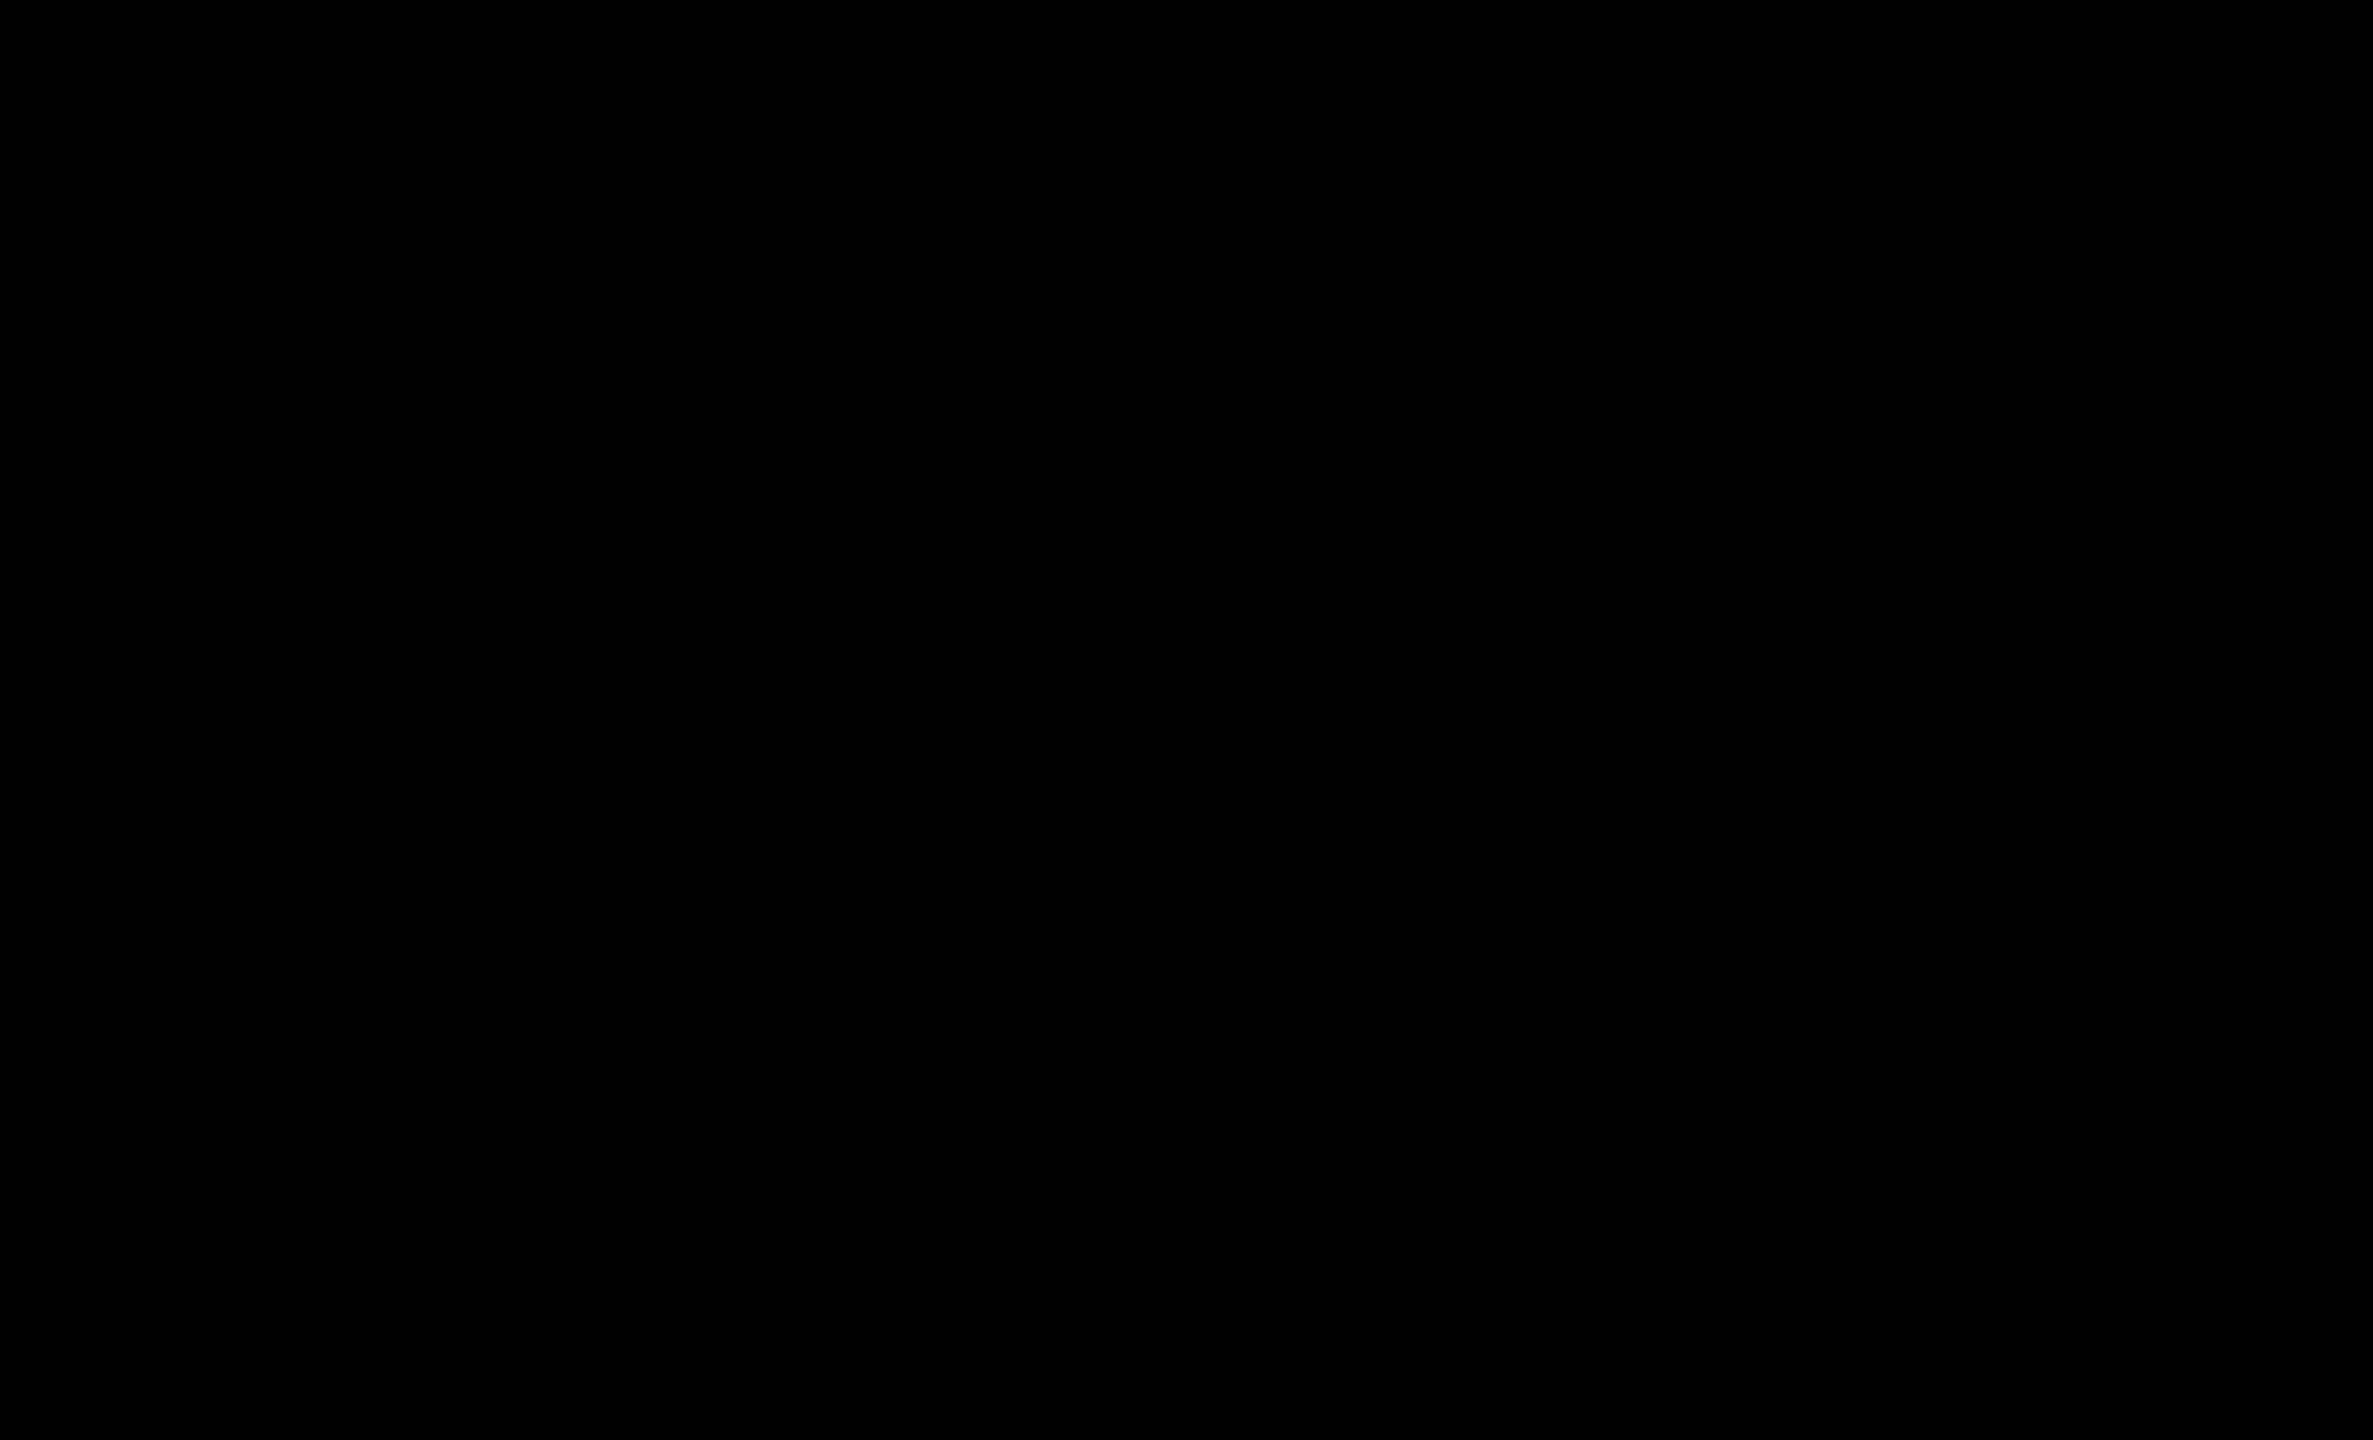 ytel_black-transparent.png